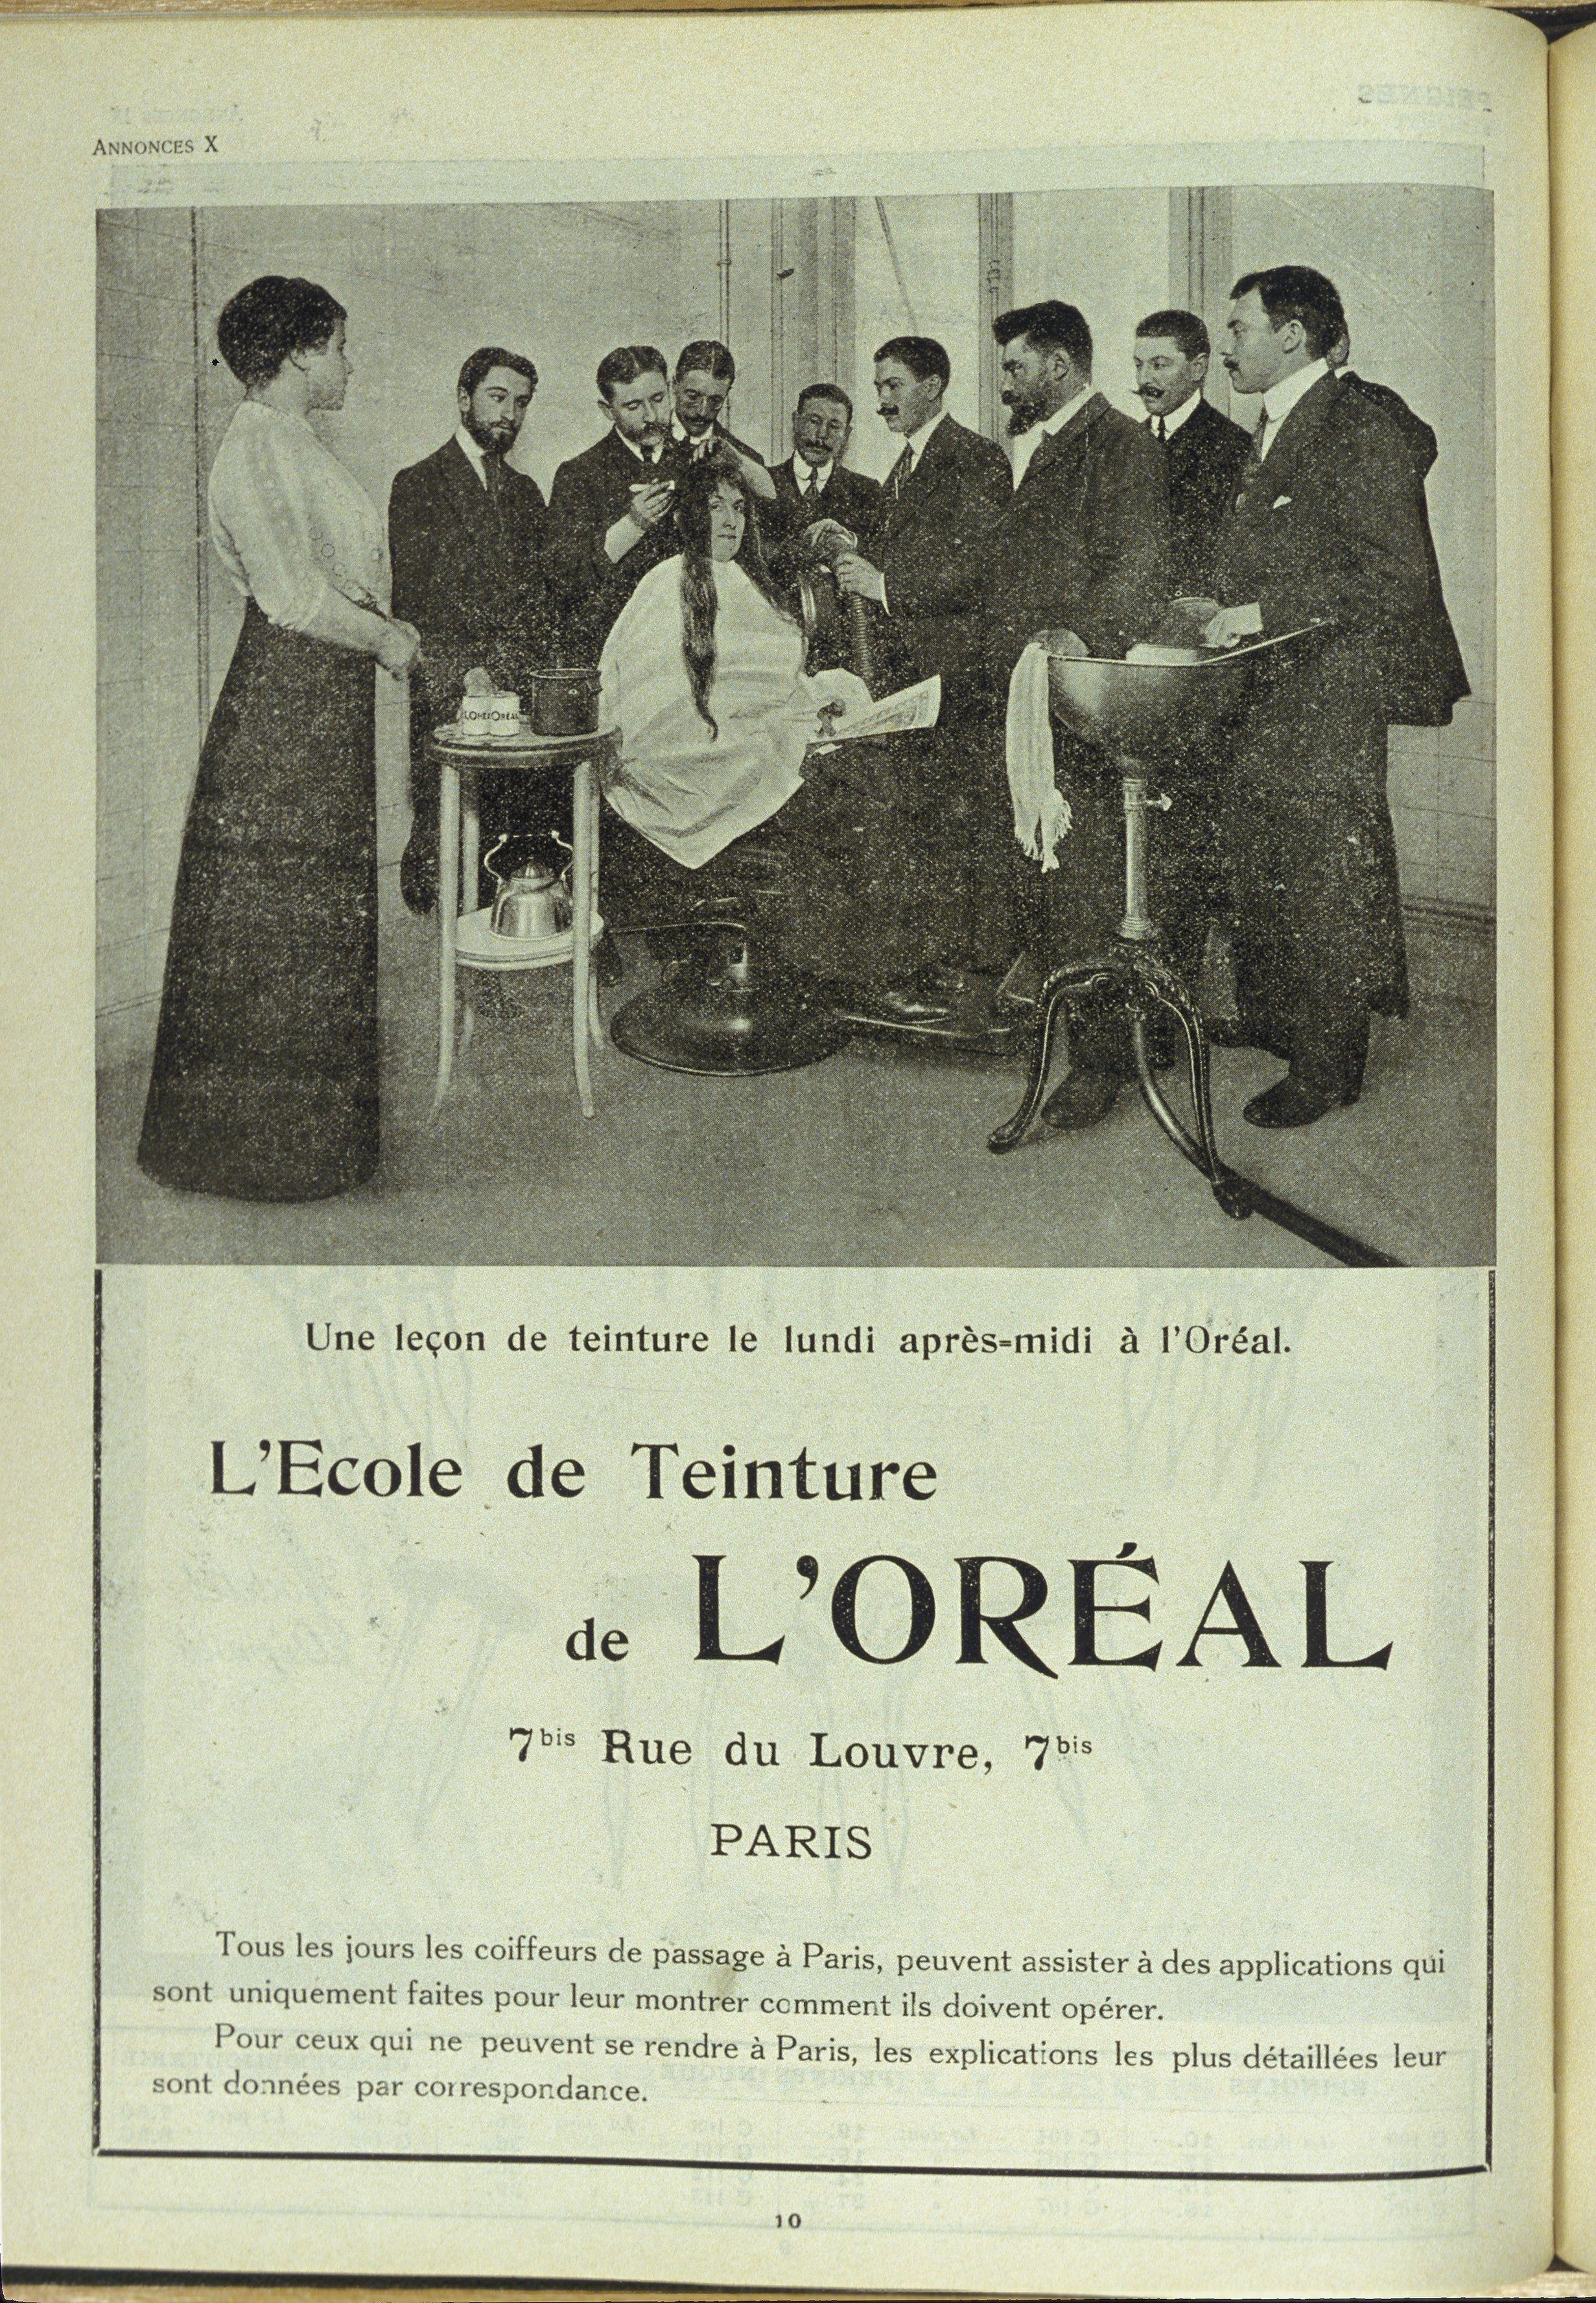 L Histoire L Oreal Professionnel L Oreal Professionnel Fr L Oreal L Oreal Professionnel Coiffeur